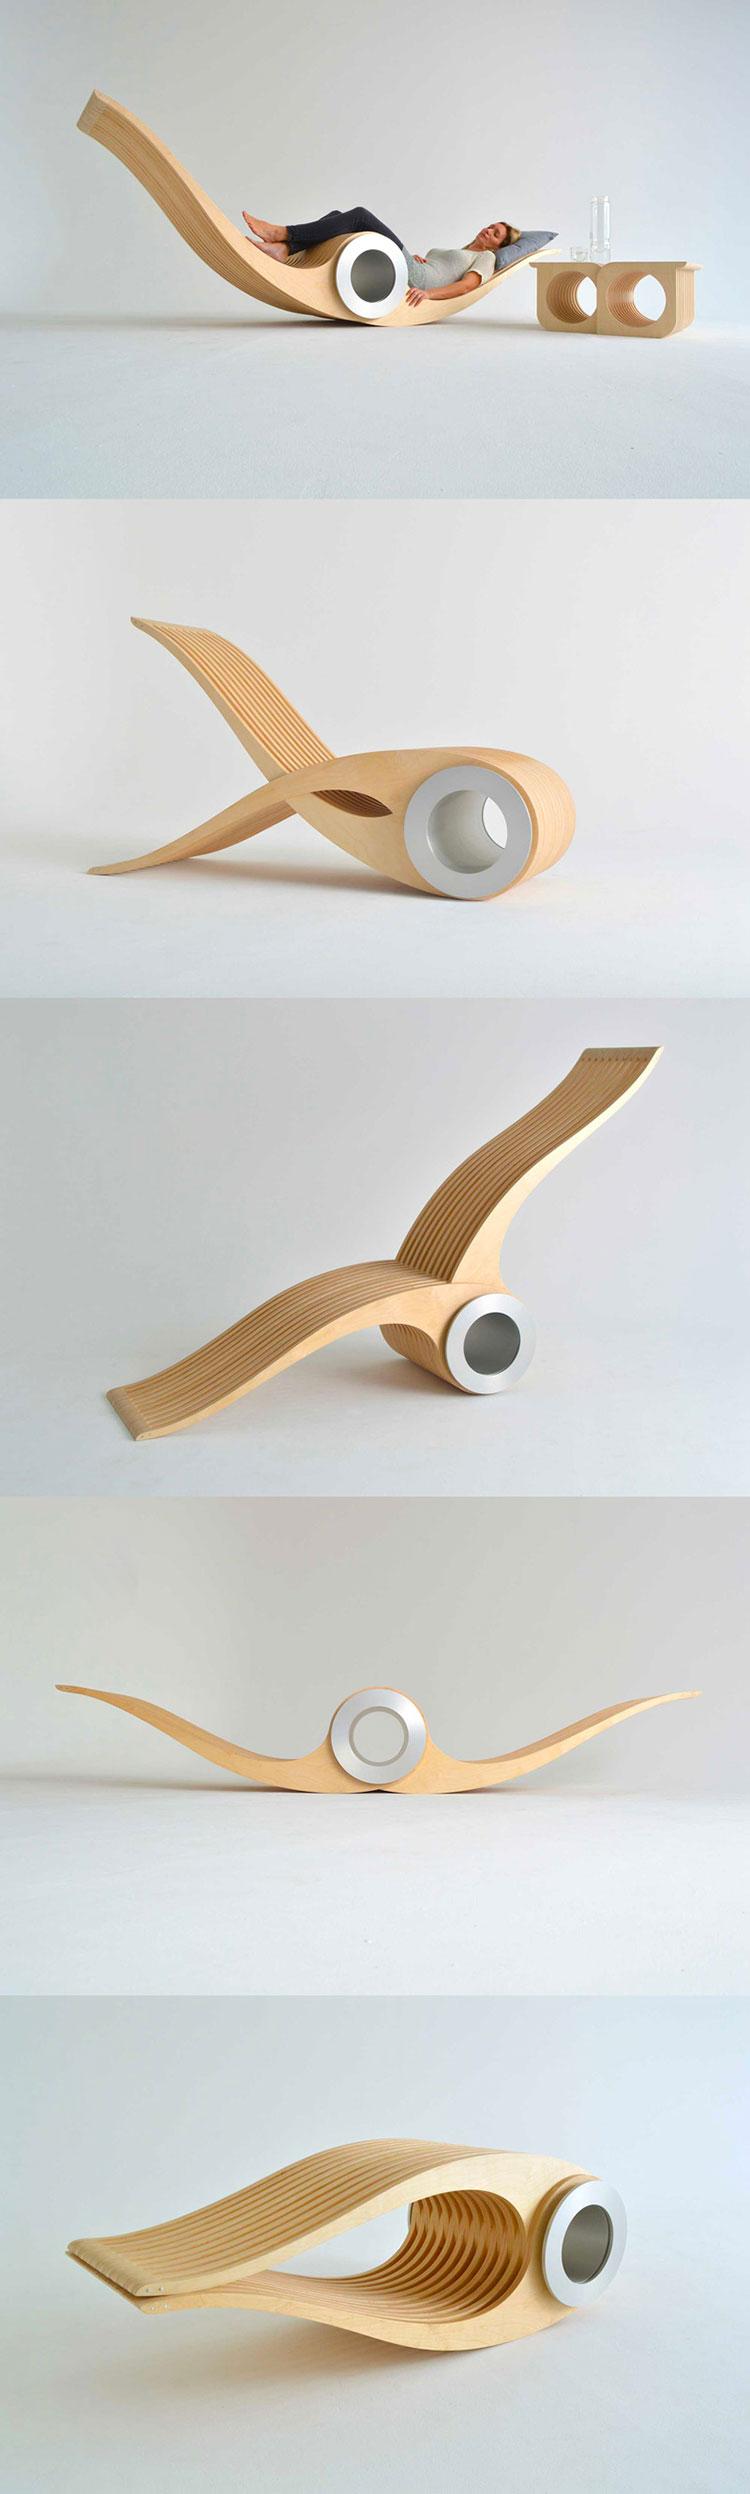 Poltrona Exocet Chair di Stéphane Leathead